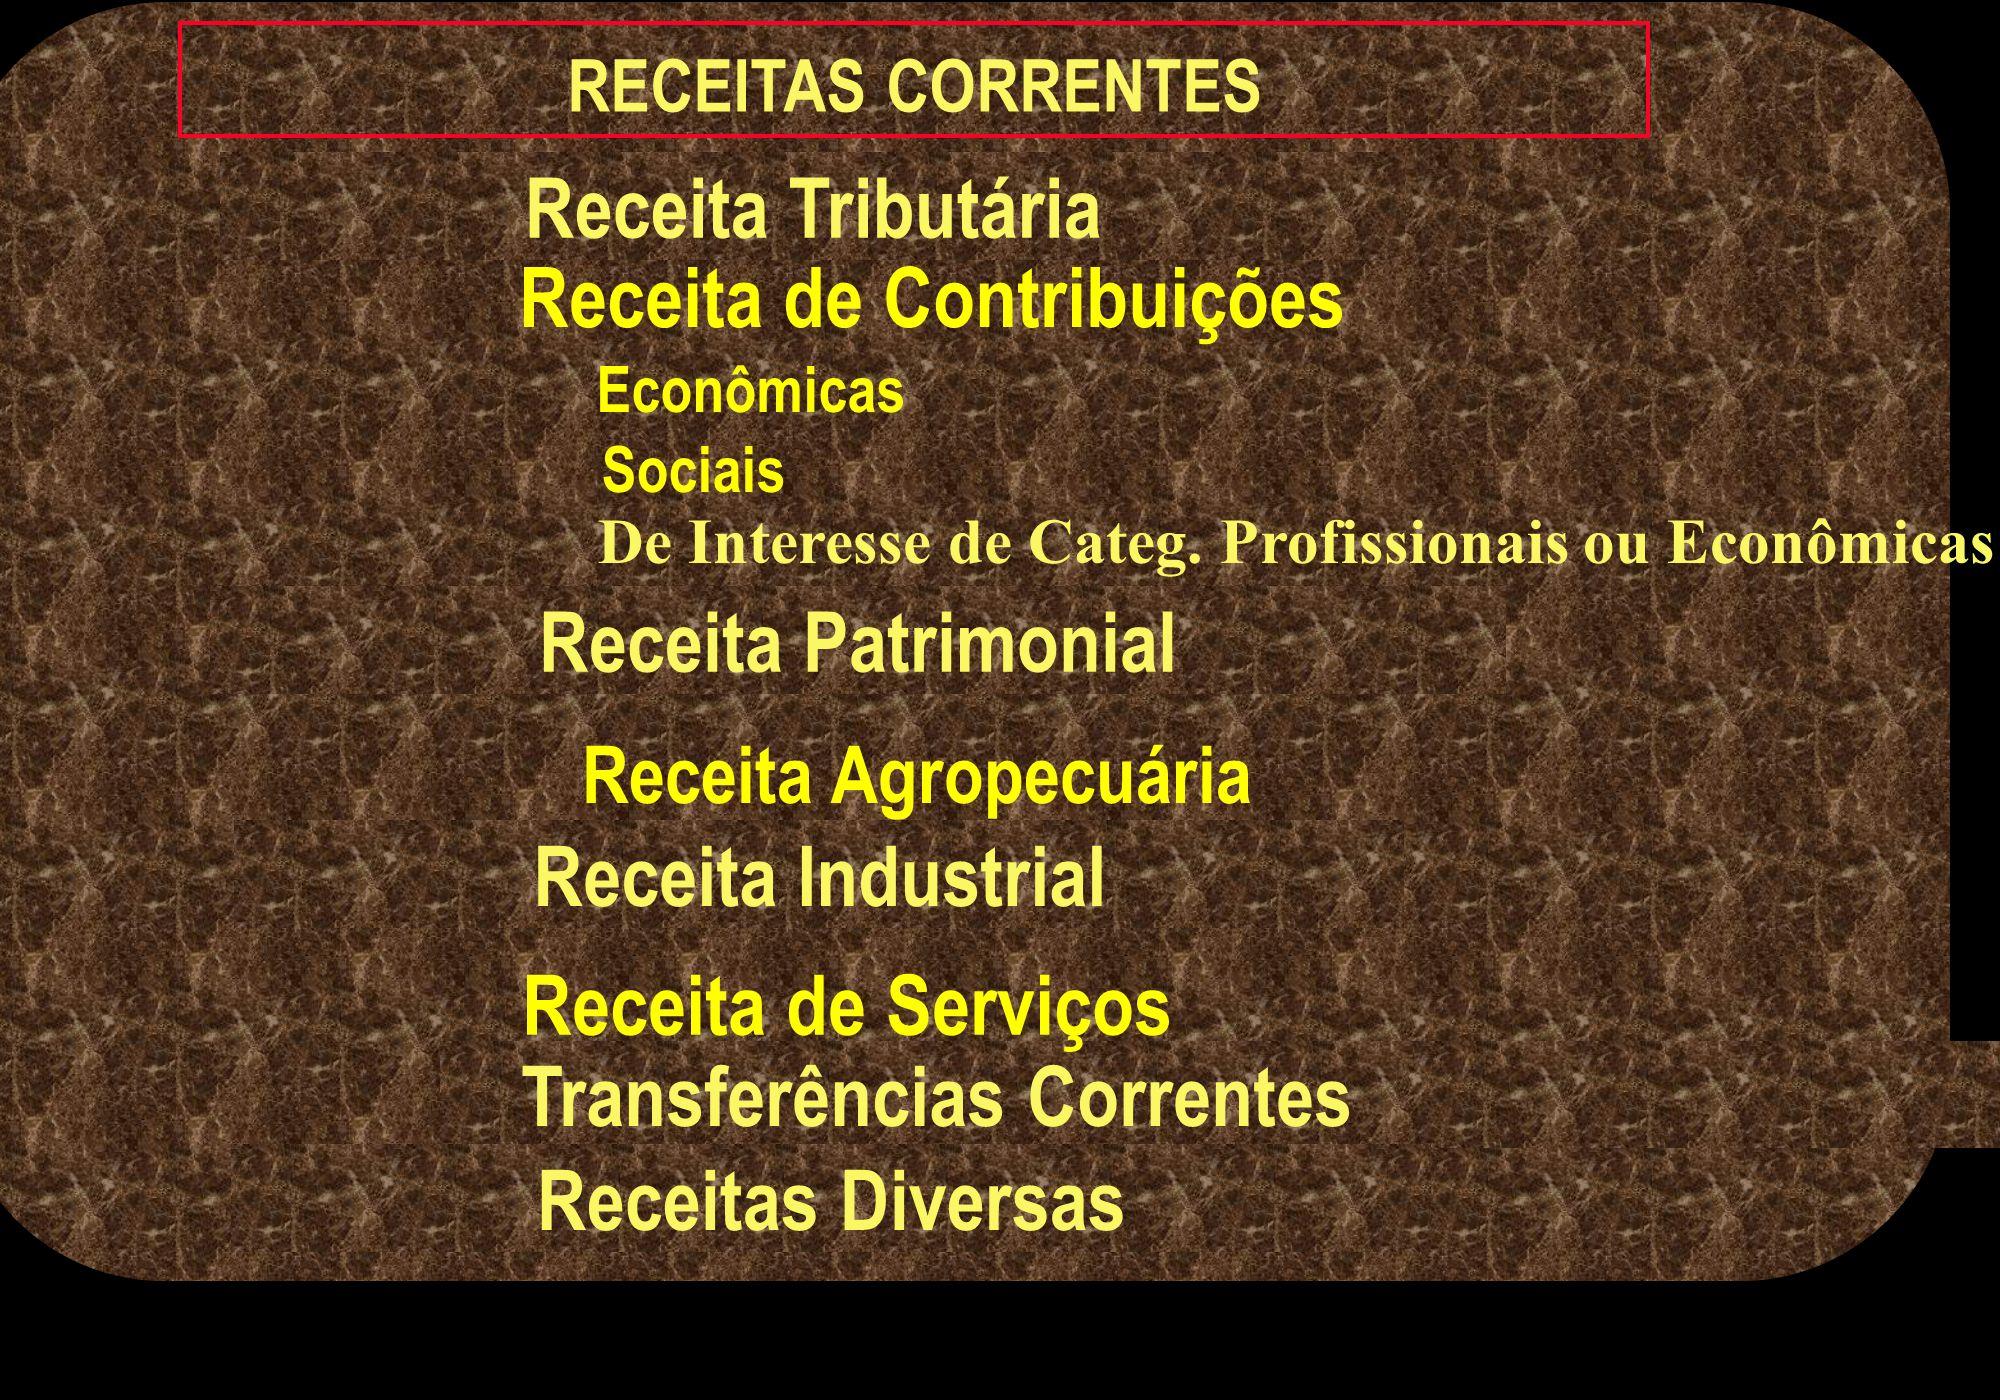 Transferências Correntes Receitas Diversas Receita de Contribuições